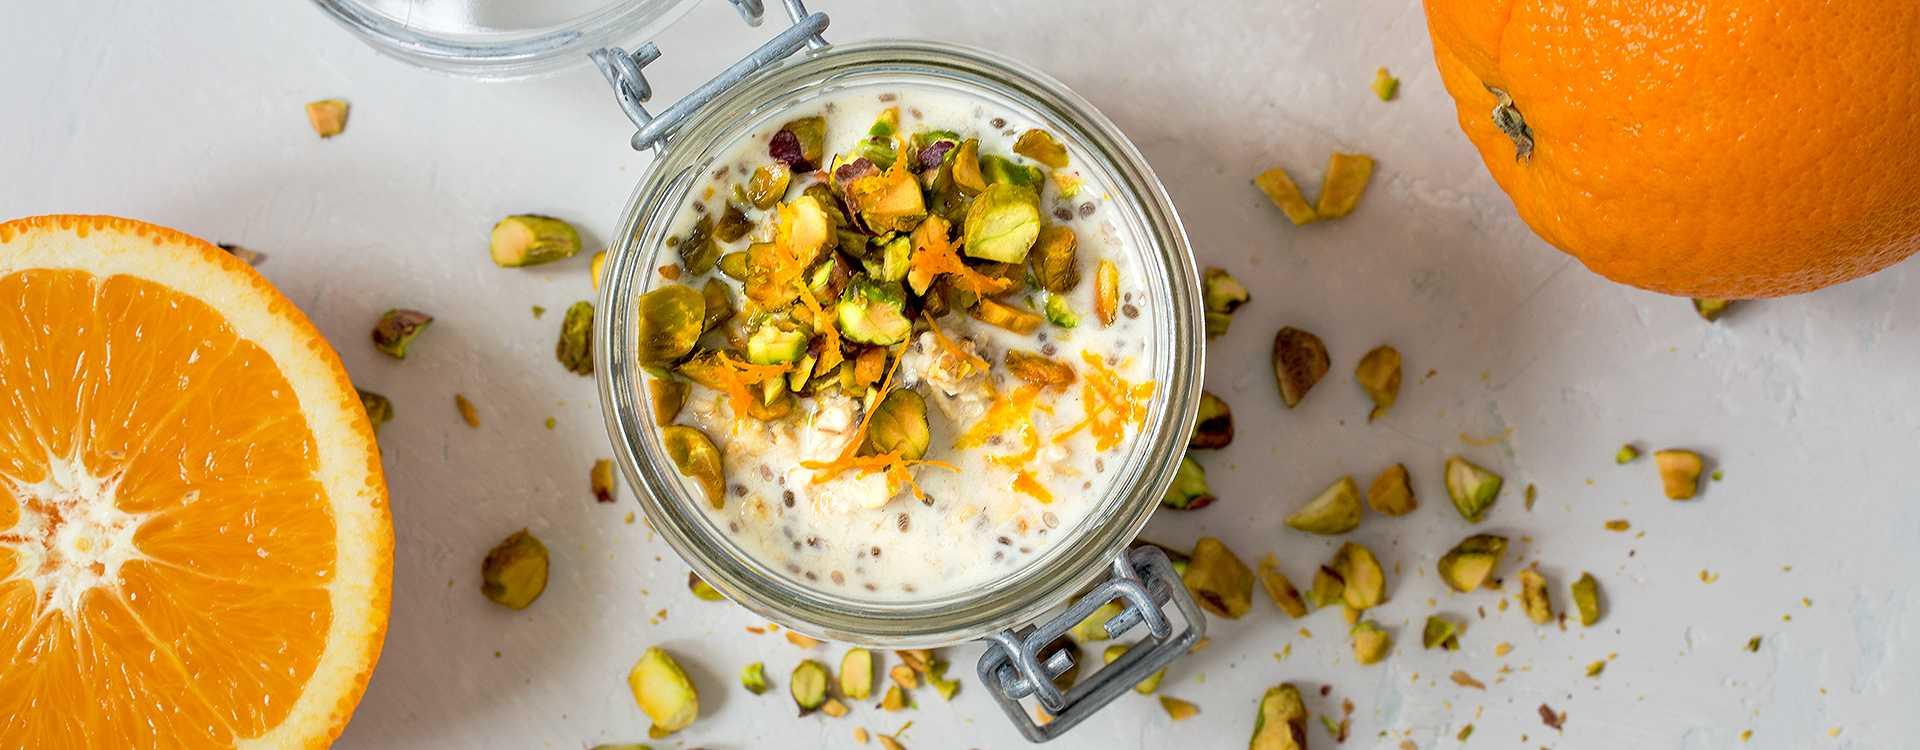 Drømmegrøt med appelsin og yoghurt